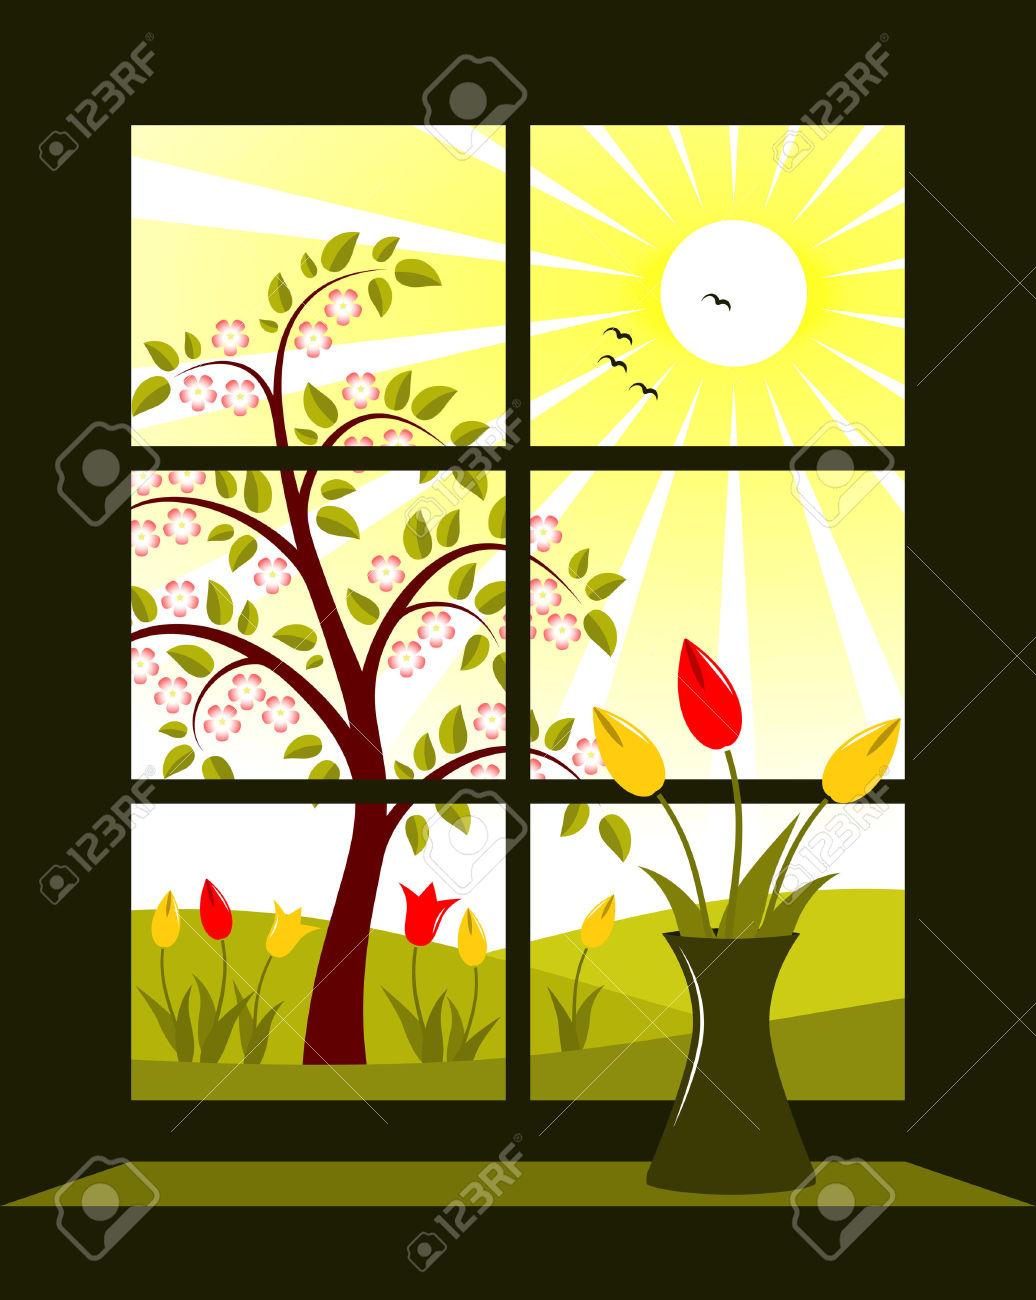 Outside window clipart.